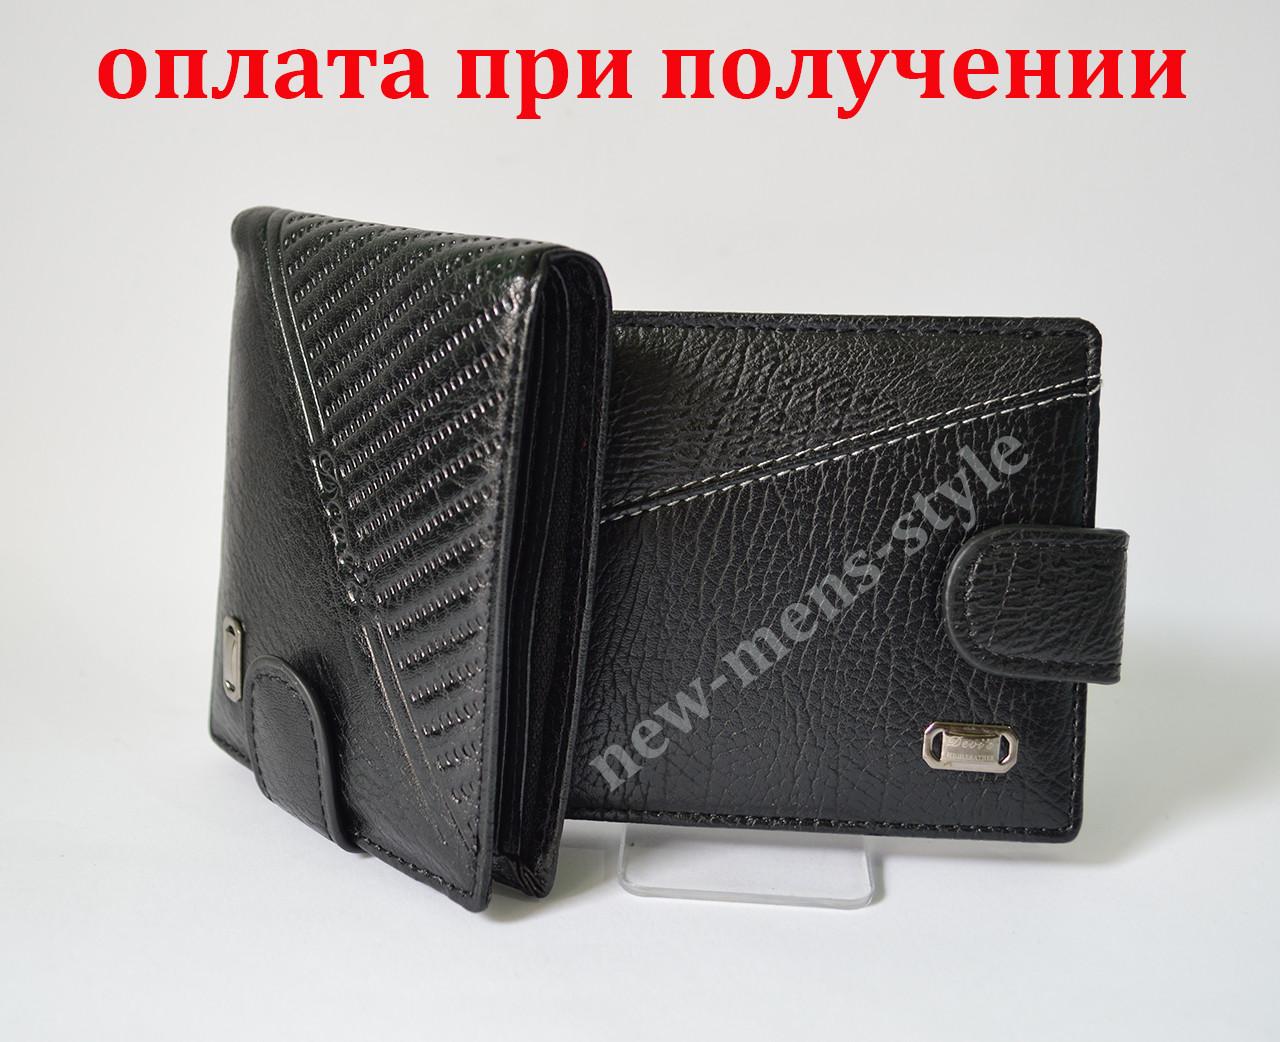 Мужской кожаный стильный кошелек клатч портмоне Devis шкіряний